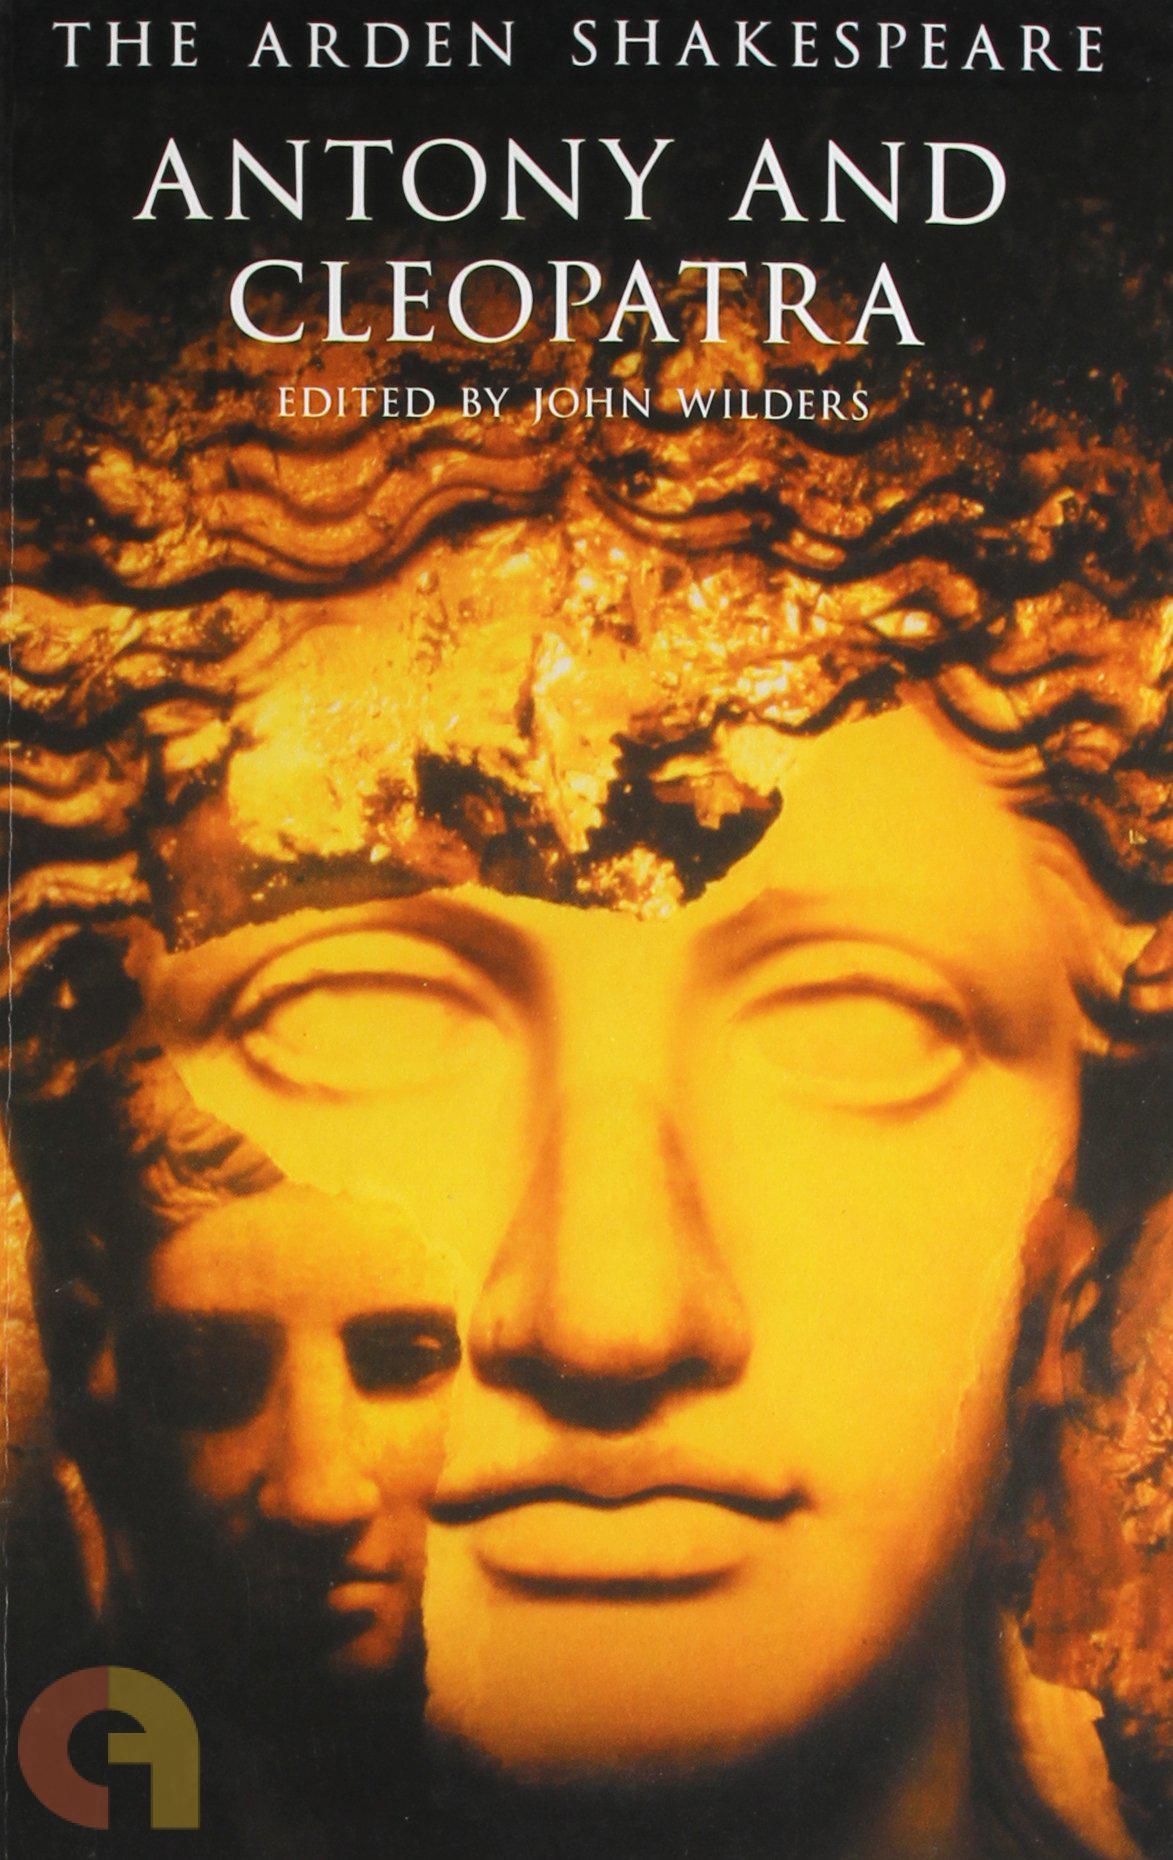 Antony And Cleopatra- Arden Shakespeare